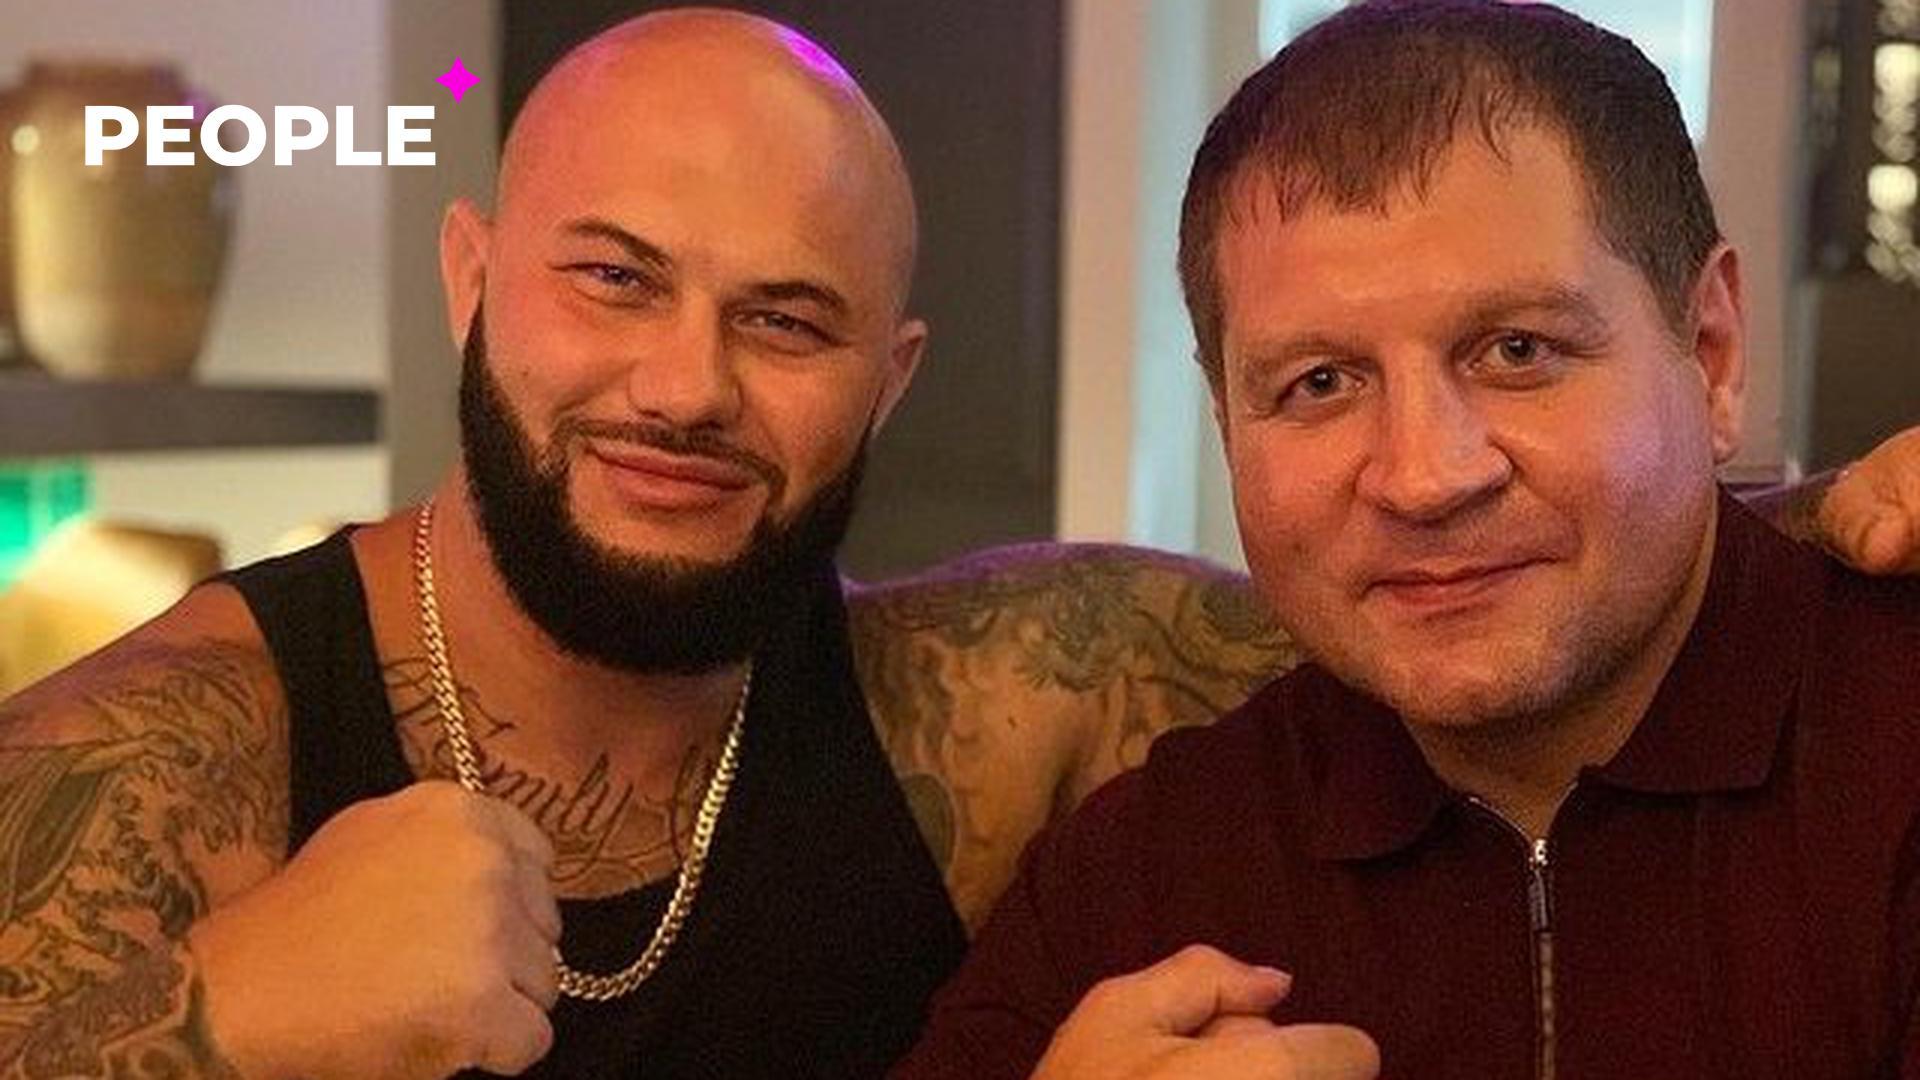 Джиган заявил, что ему до сих пор не выплатили 693 тысячи долларов за грядущий бой с Александром Емельяненко